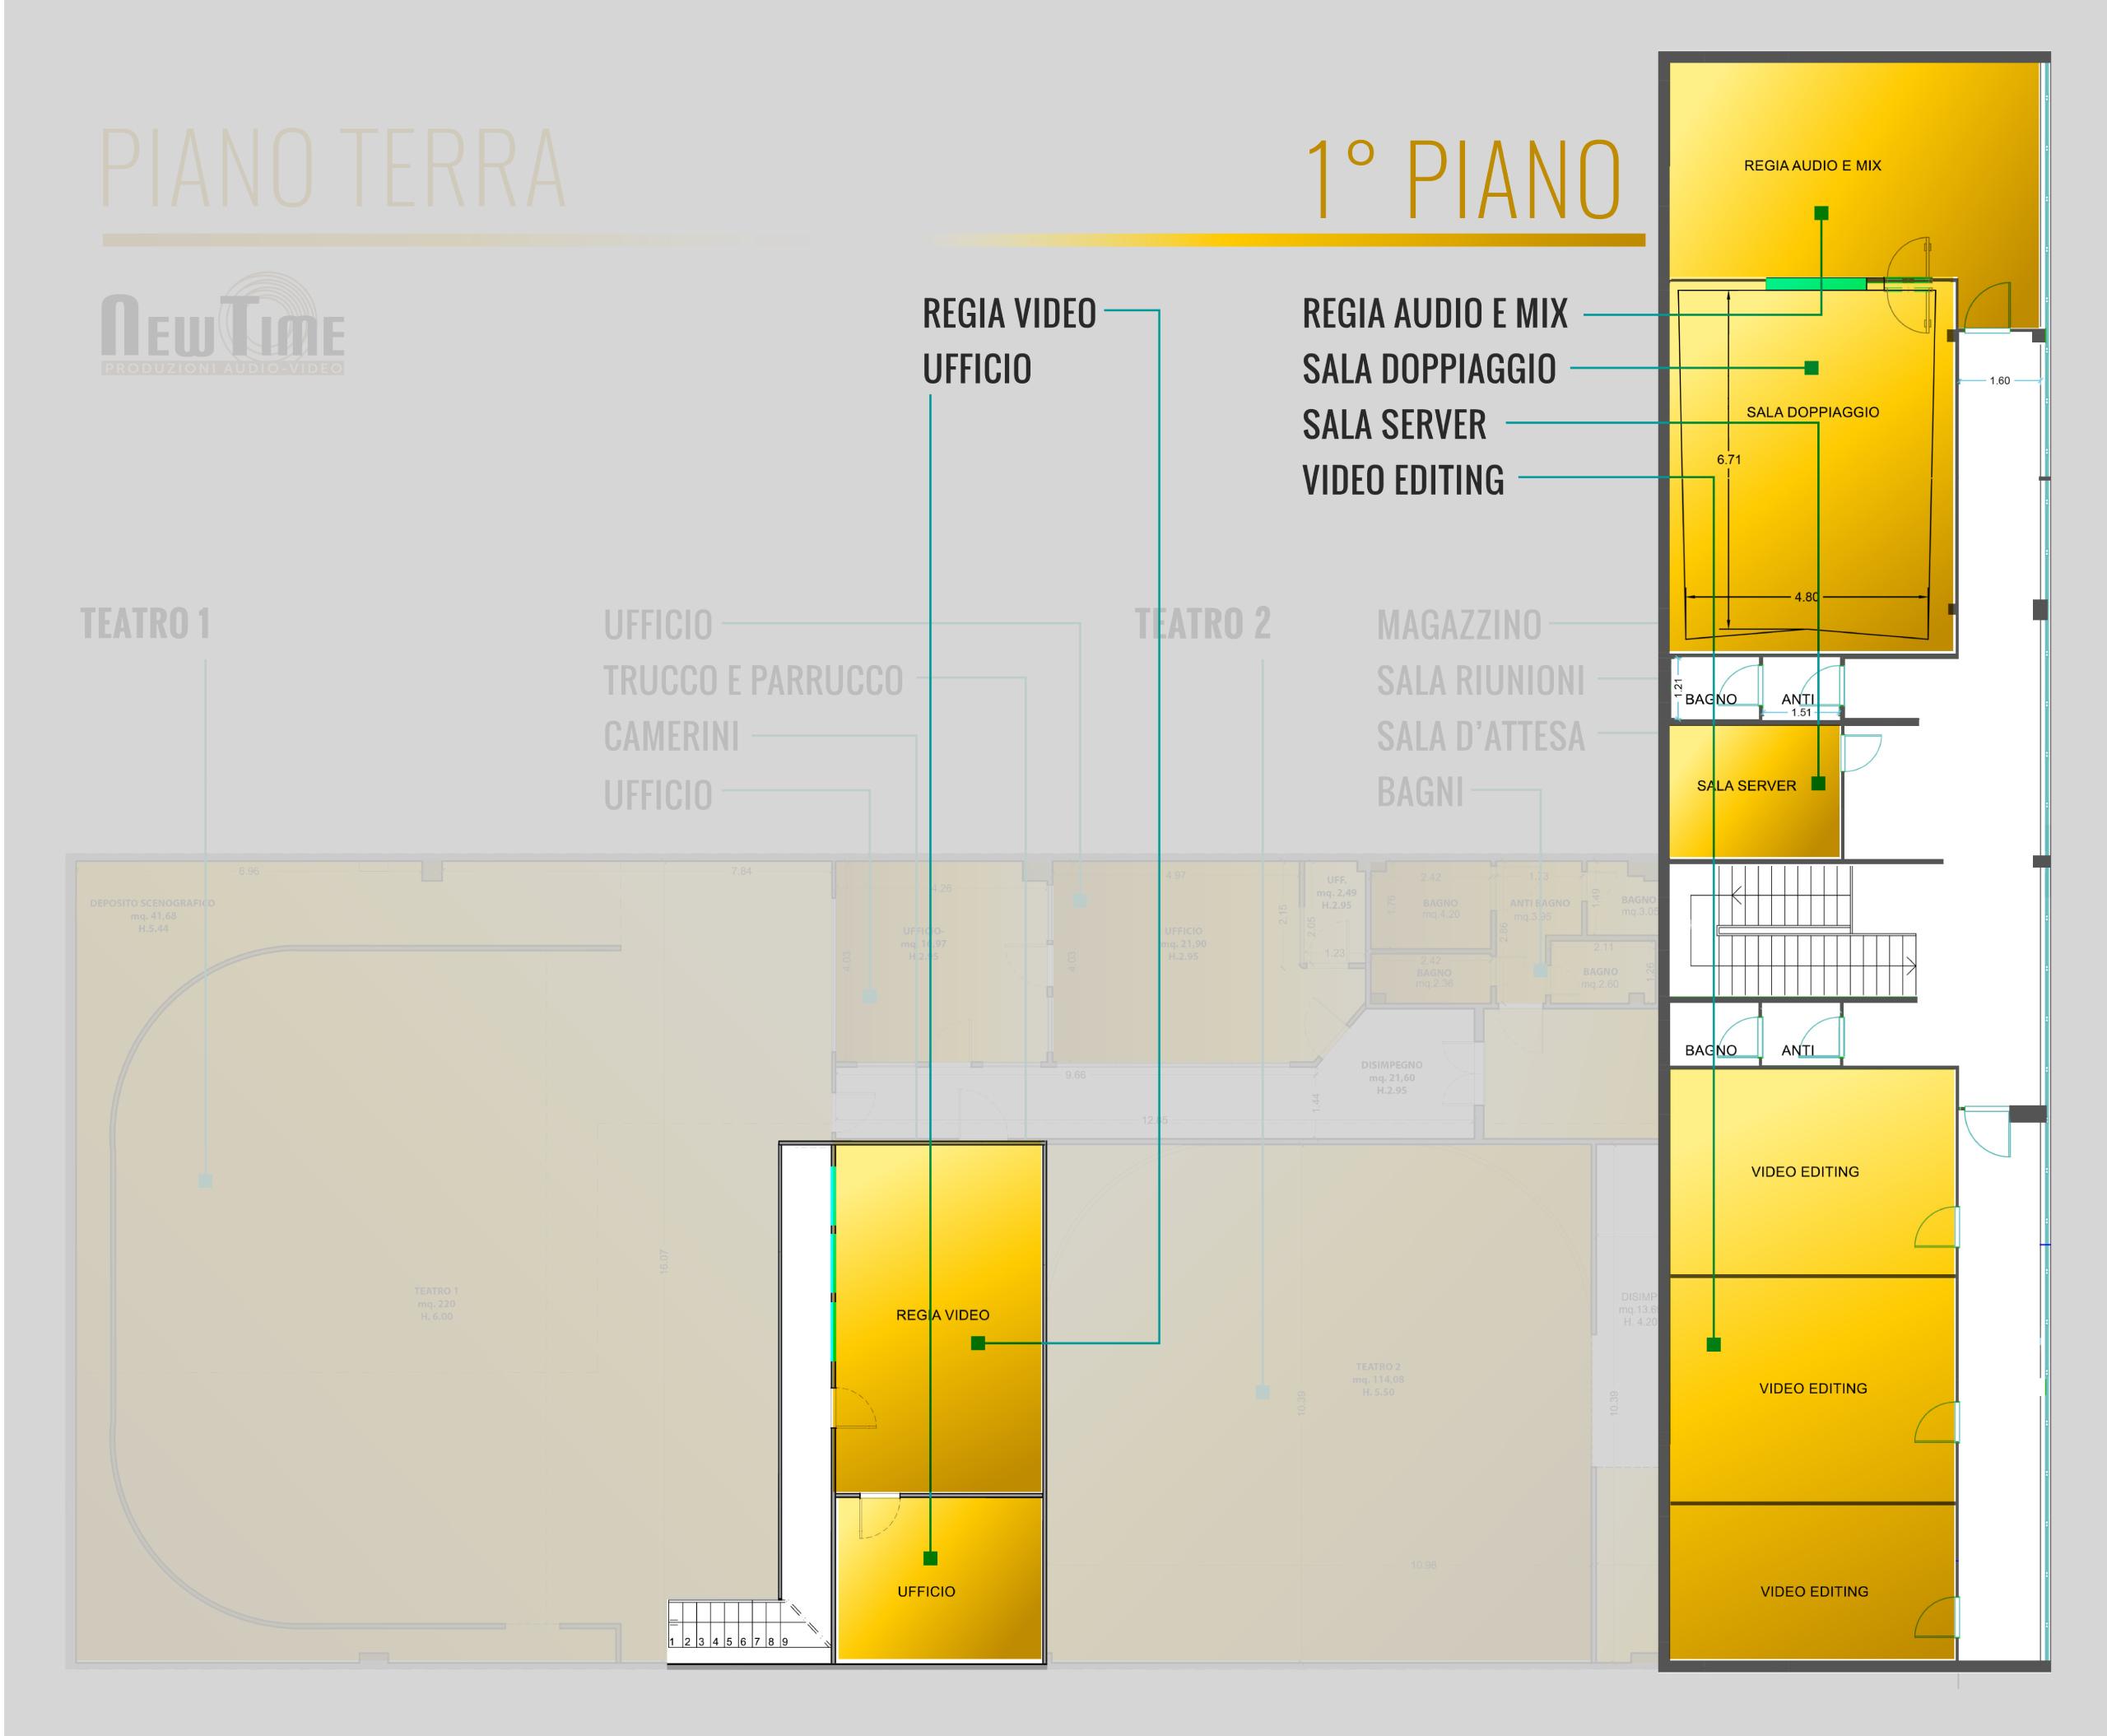 Studi NewTime - Primo Piano